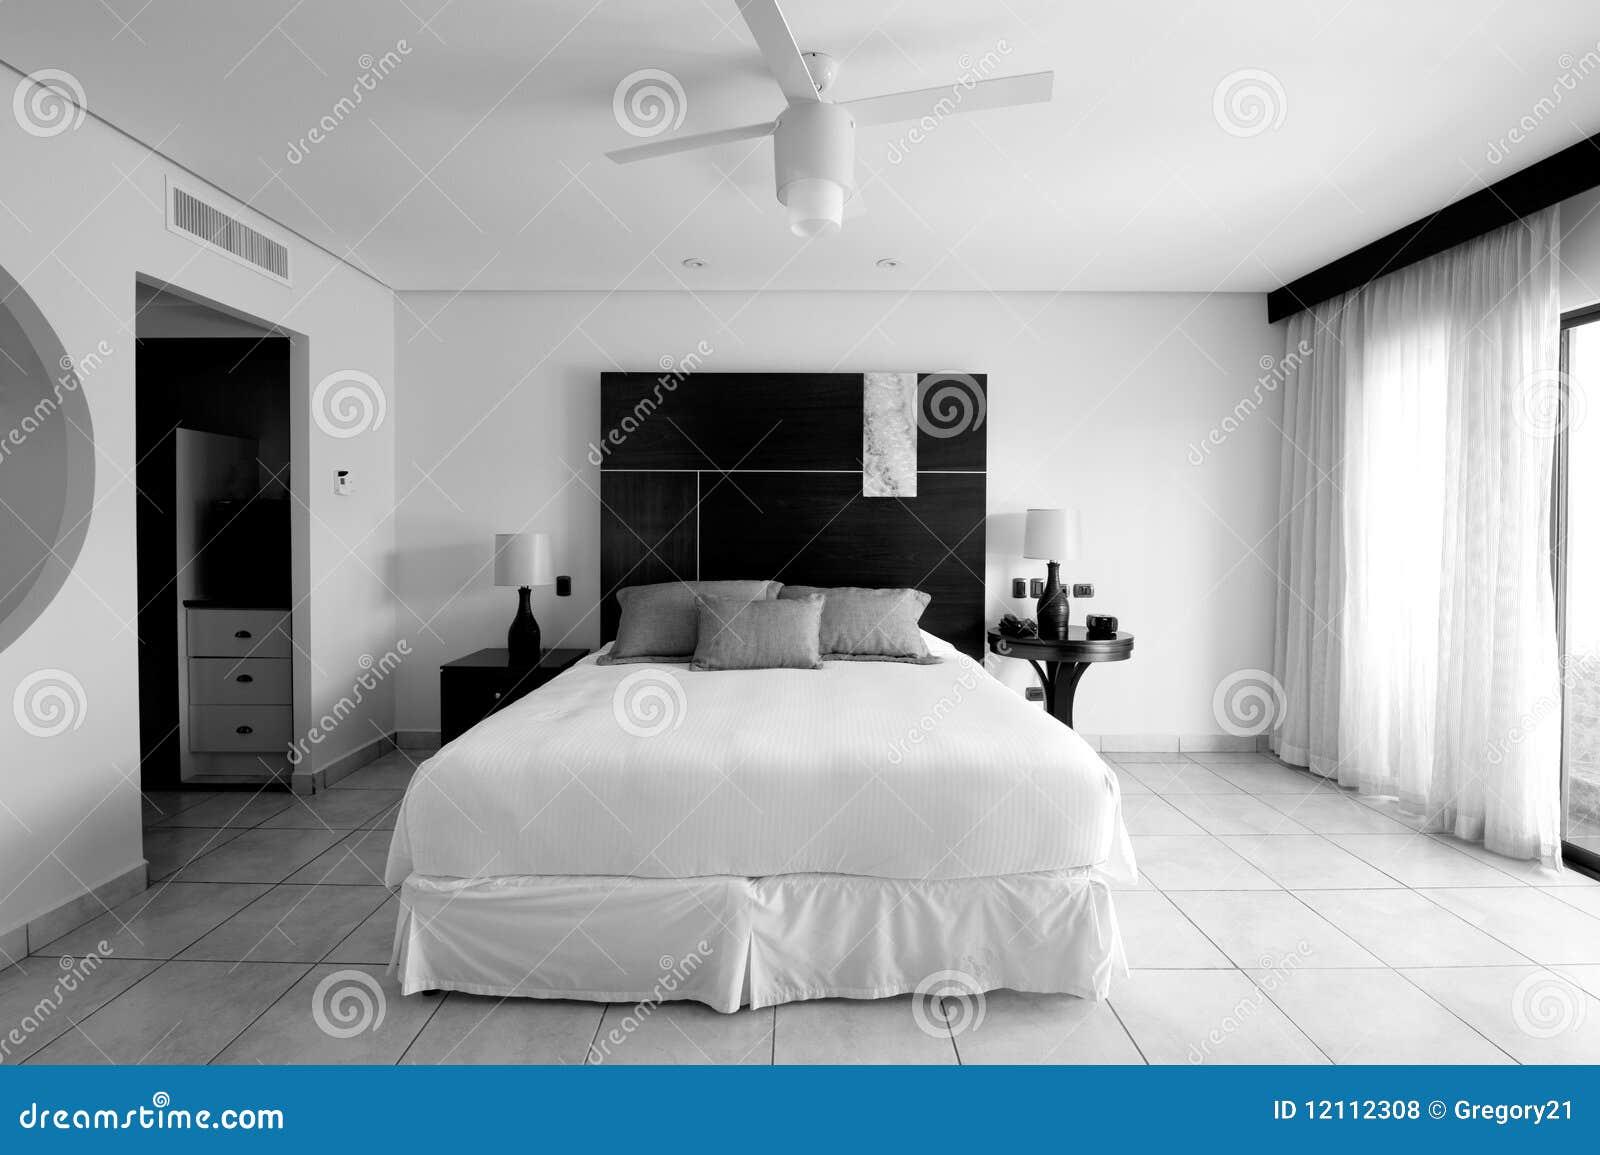 camera da letto bianco e nero foto stock ? 2,277 camera da letto ... - Camera Da Letto Nera E Bianca